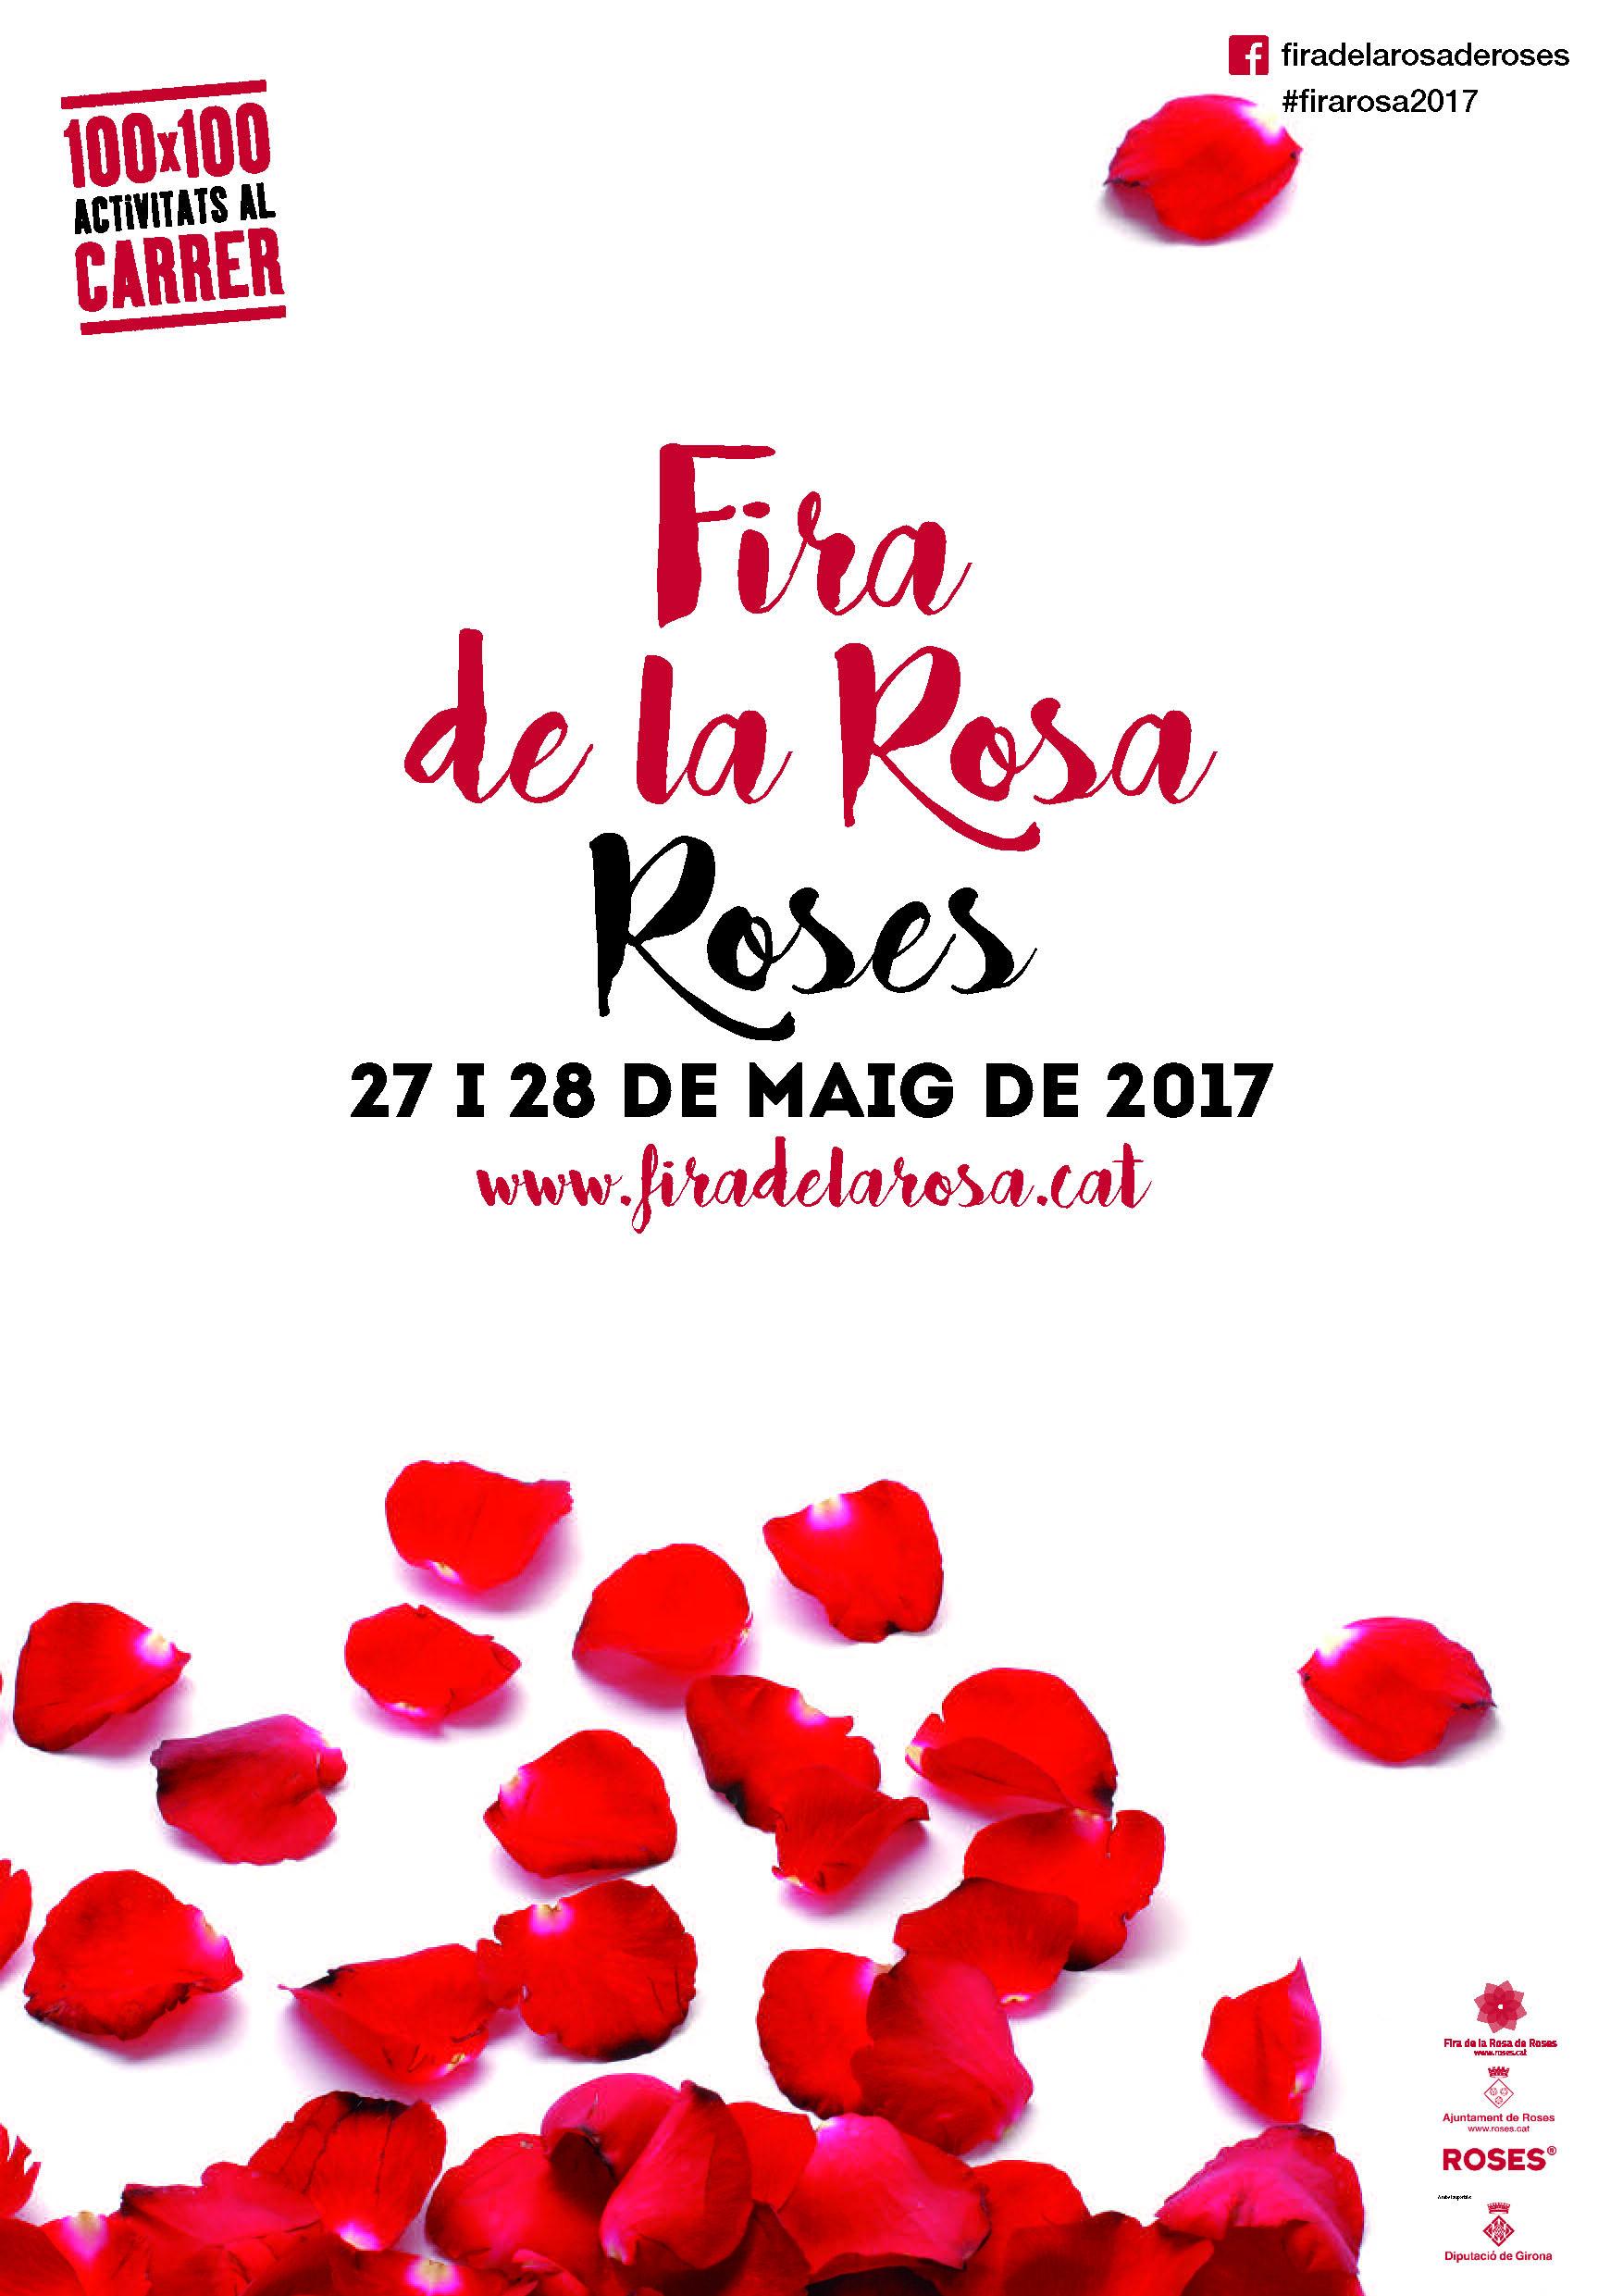 Roses celebra aquest cap de setmana la Fira de la Rosa amb una quarantena d'activitats